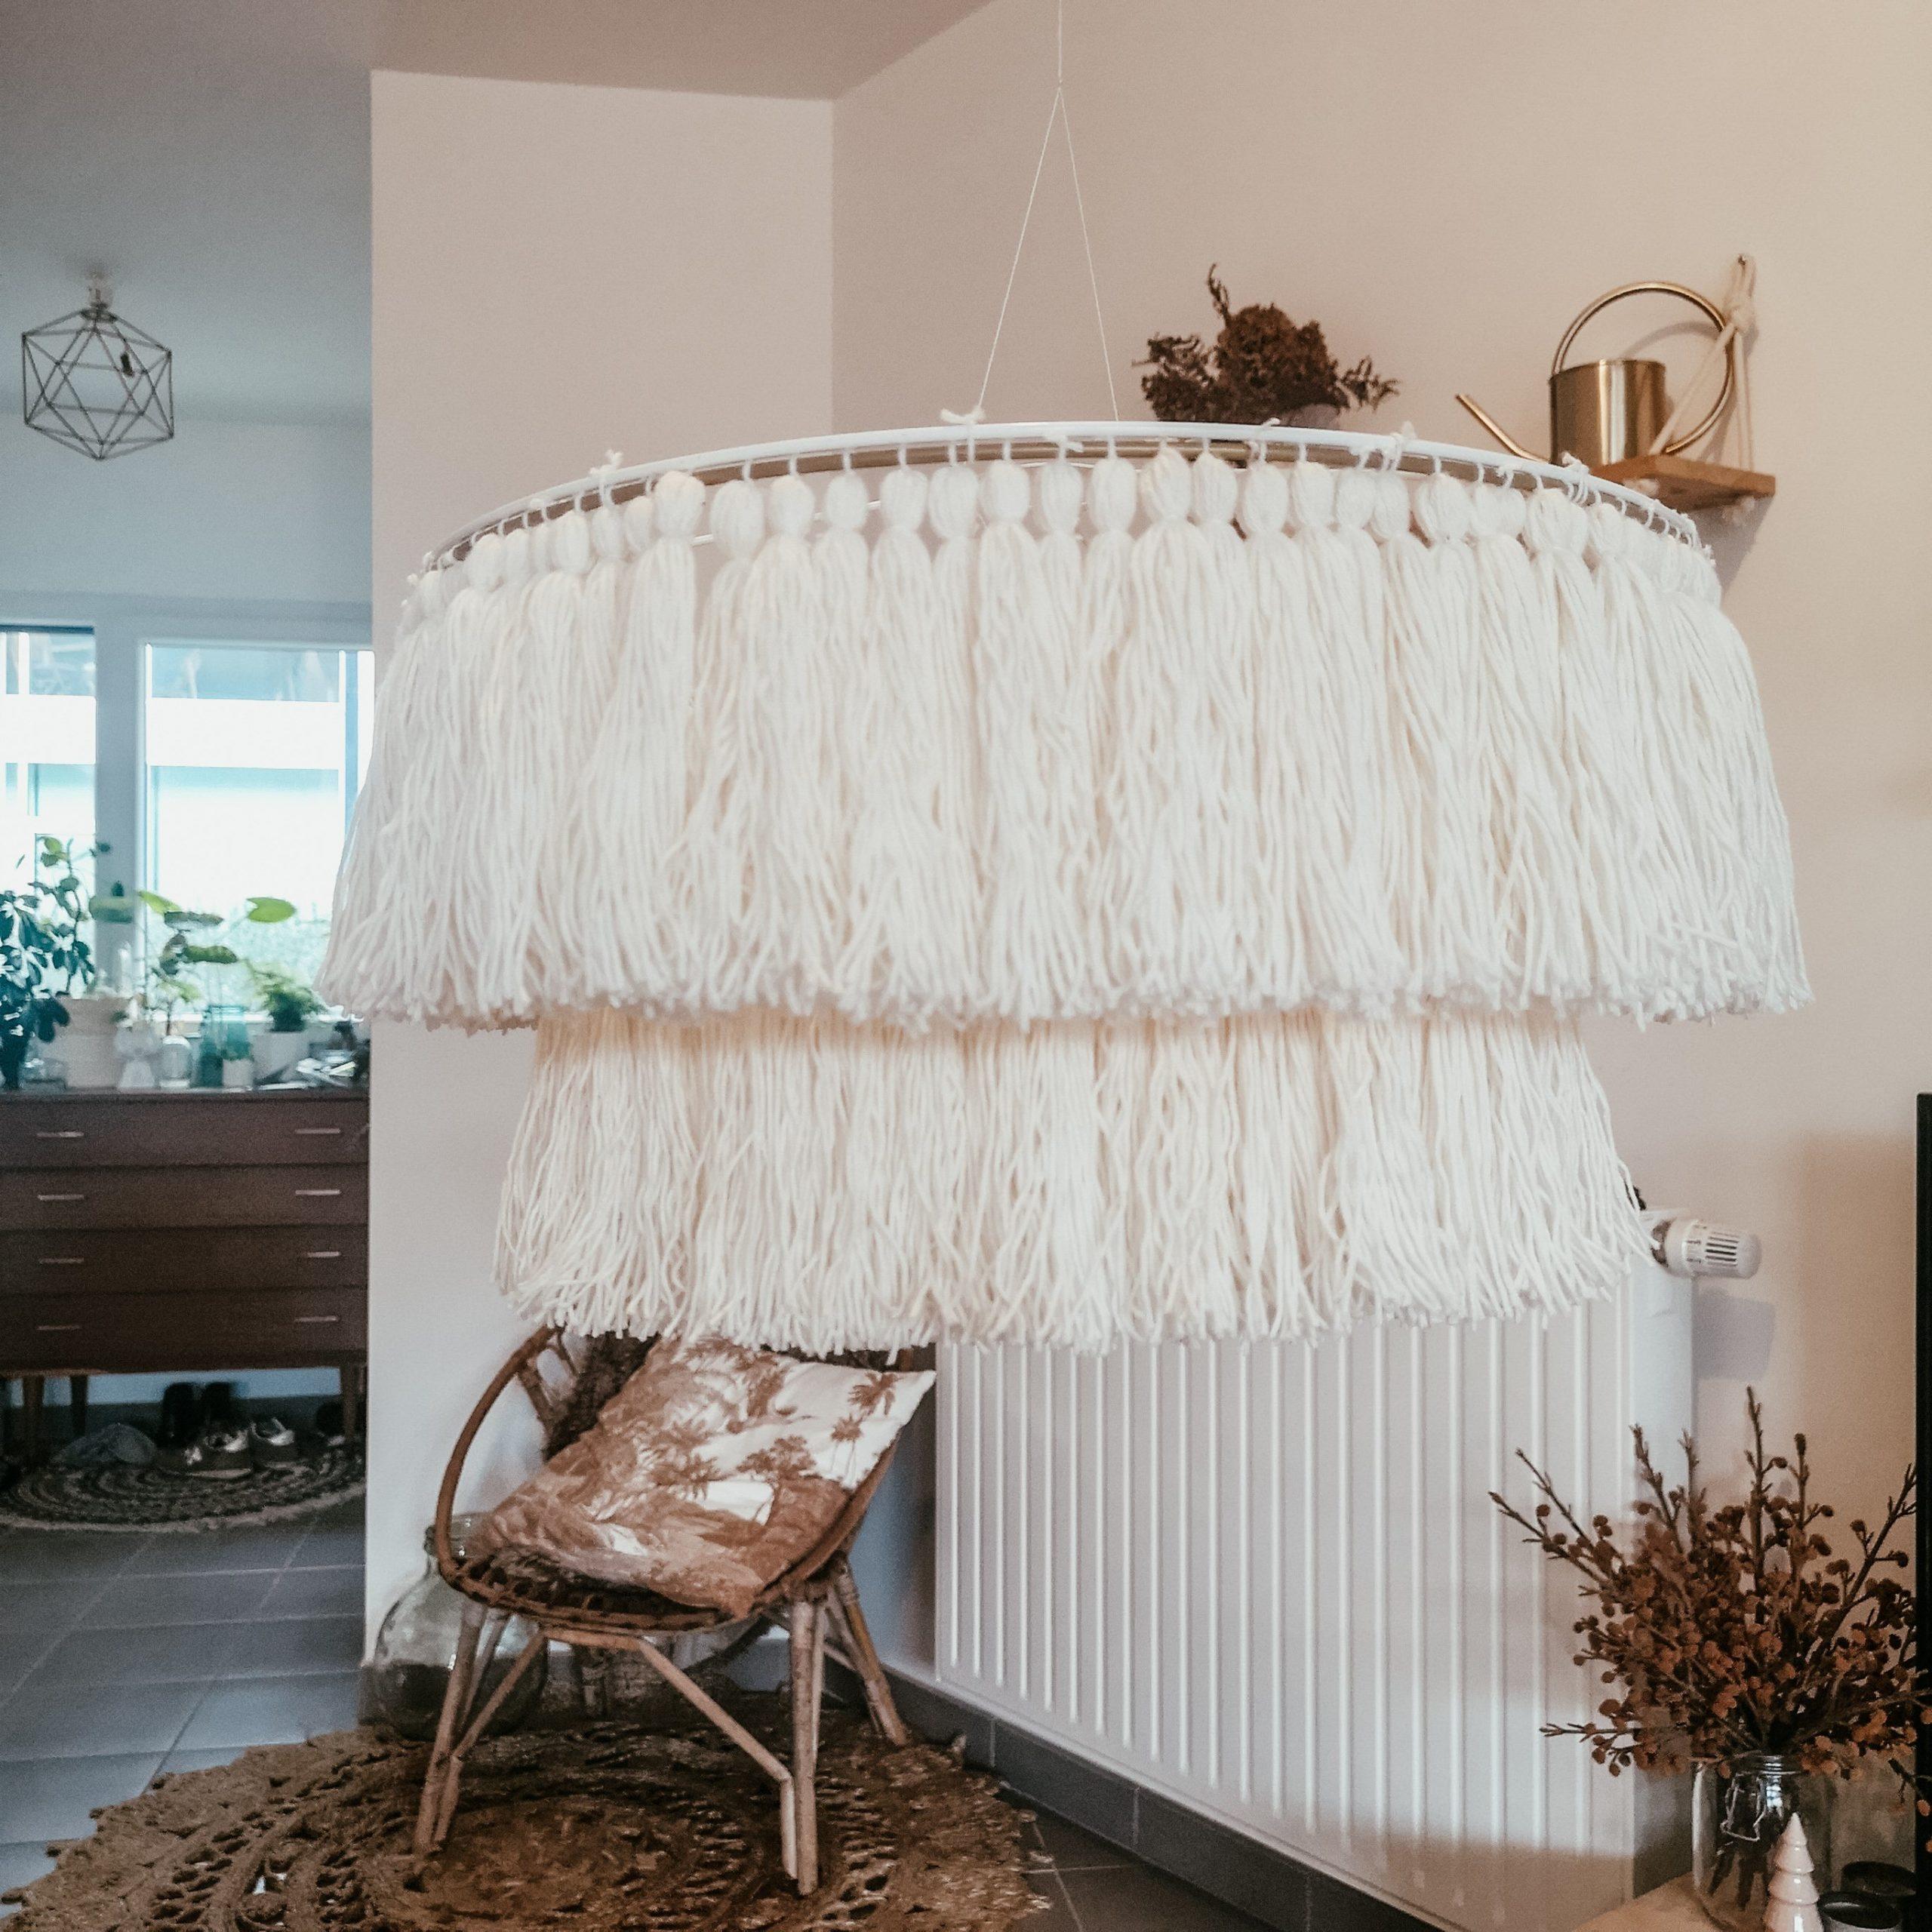 5_DIY_dar_toque_primaveral_hogar_lámpara_macramé-11